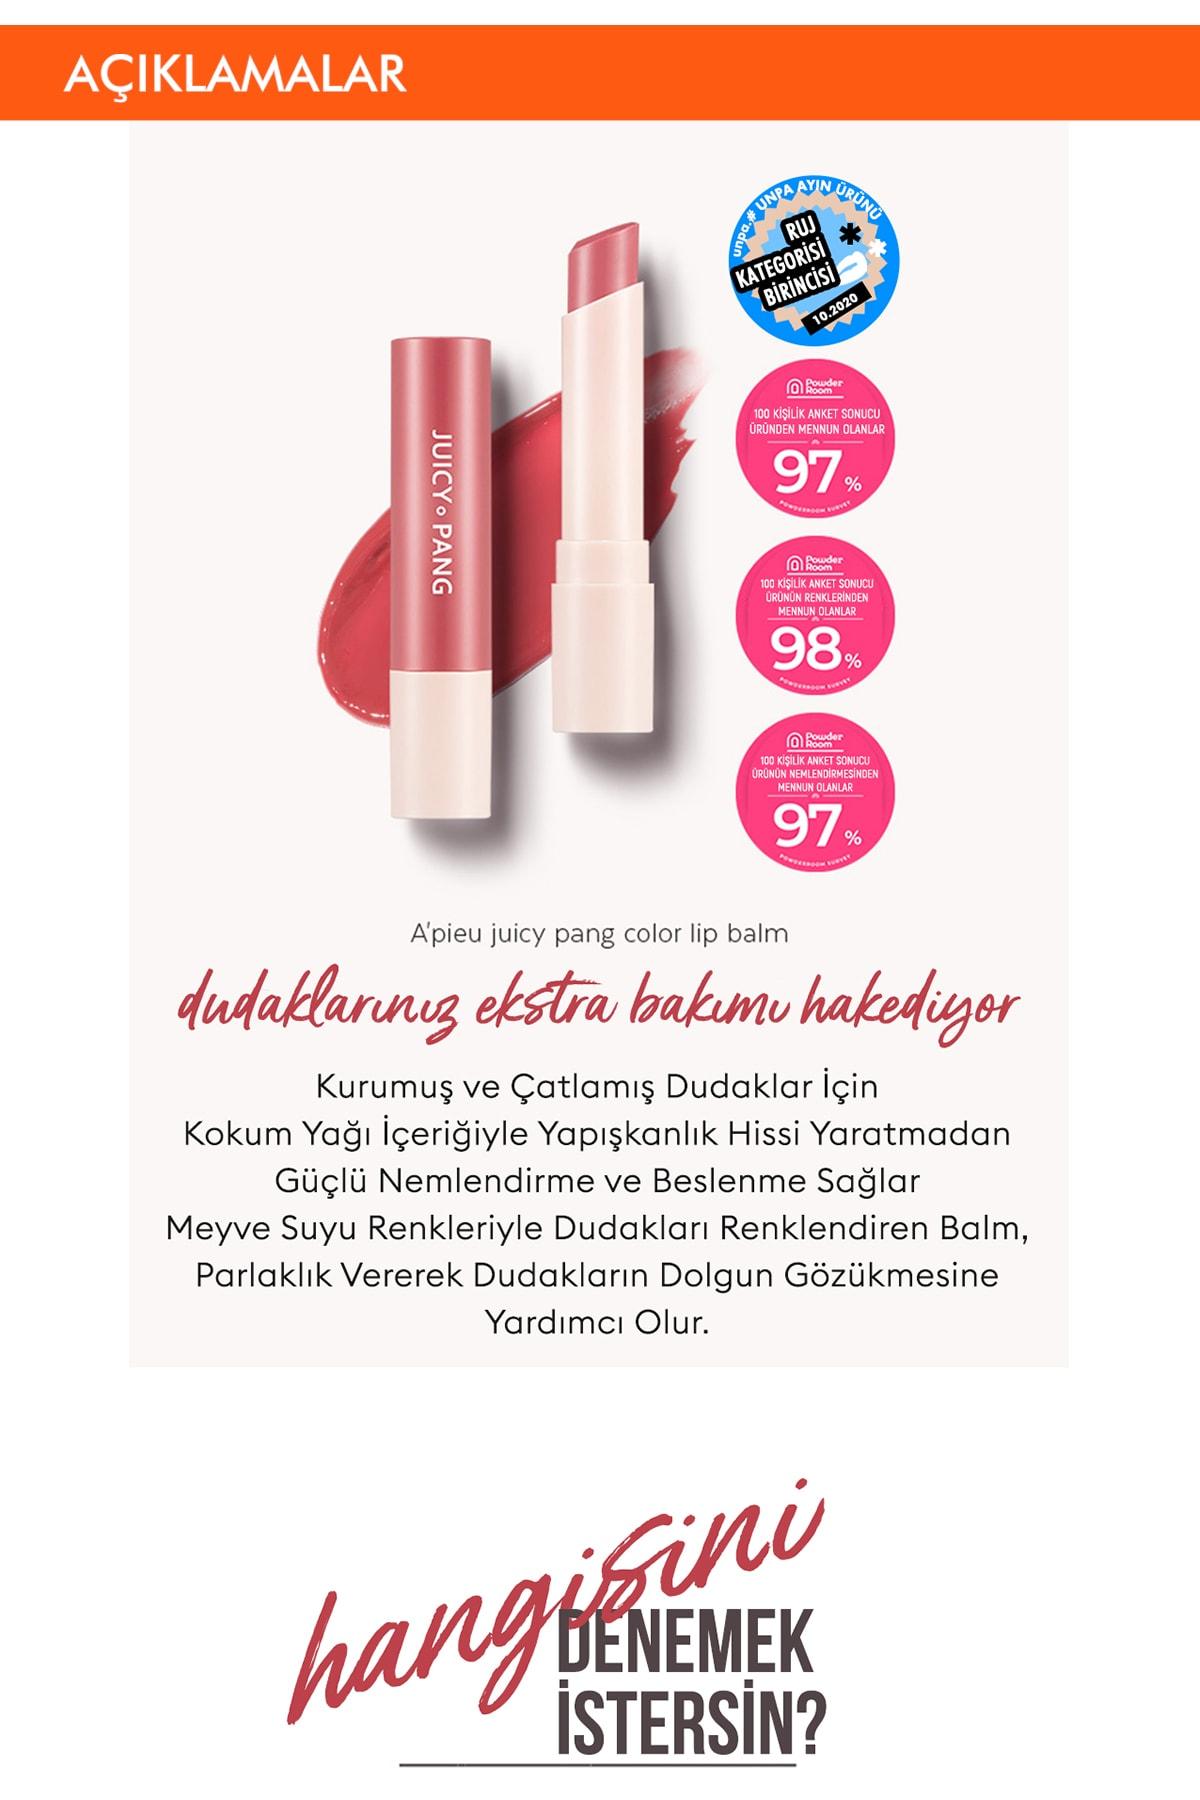 Missha Uzun Süre Kalıcı Canlı Renkli Nemlendirici Dudak Balmı APIEU Juicy-Pang Color Lip Balm (RD02) 2